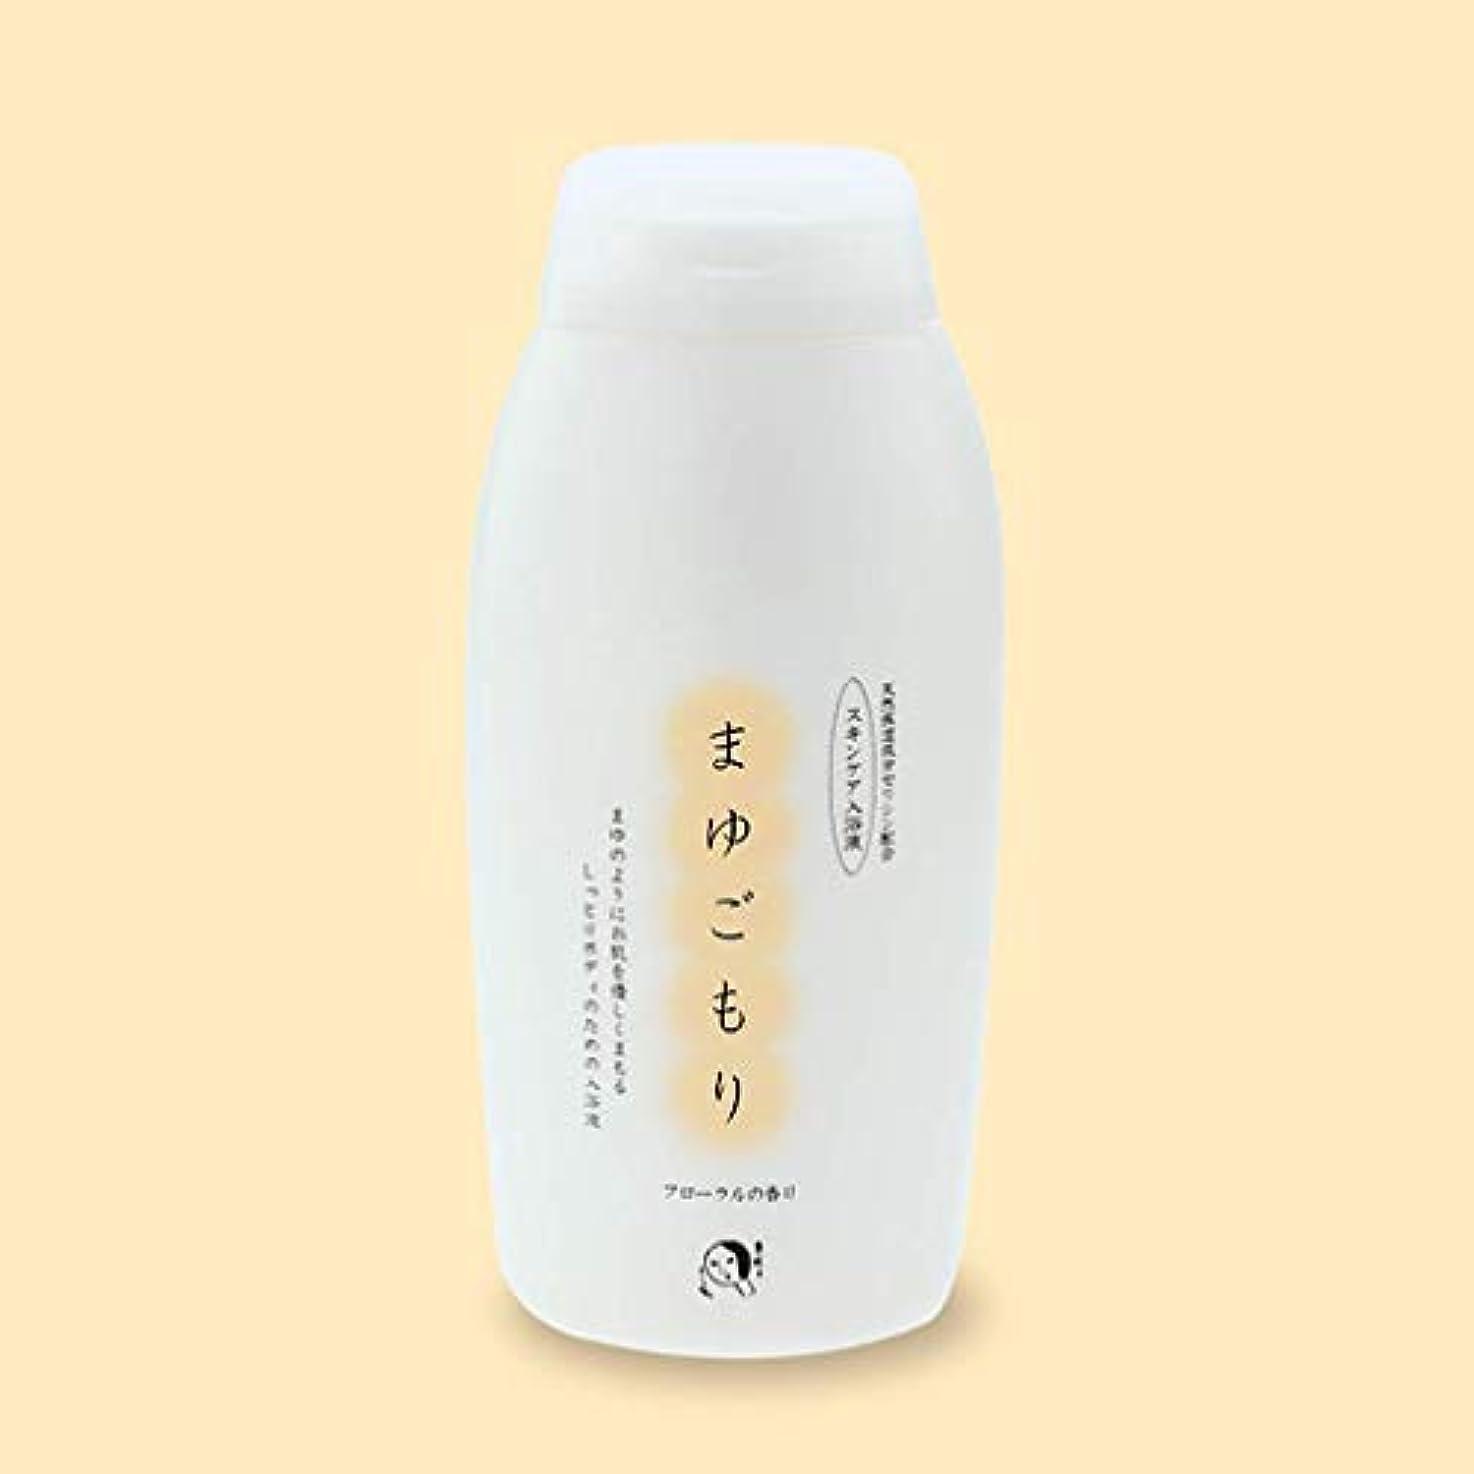 致命的な保証する全員よーじや まゆごもり入浴液(ボトルタイプ) 250ml(11回分)